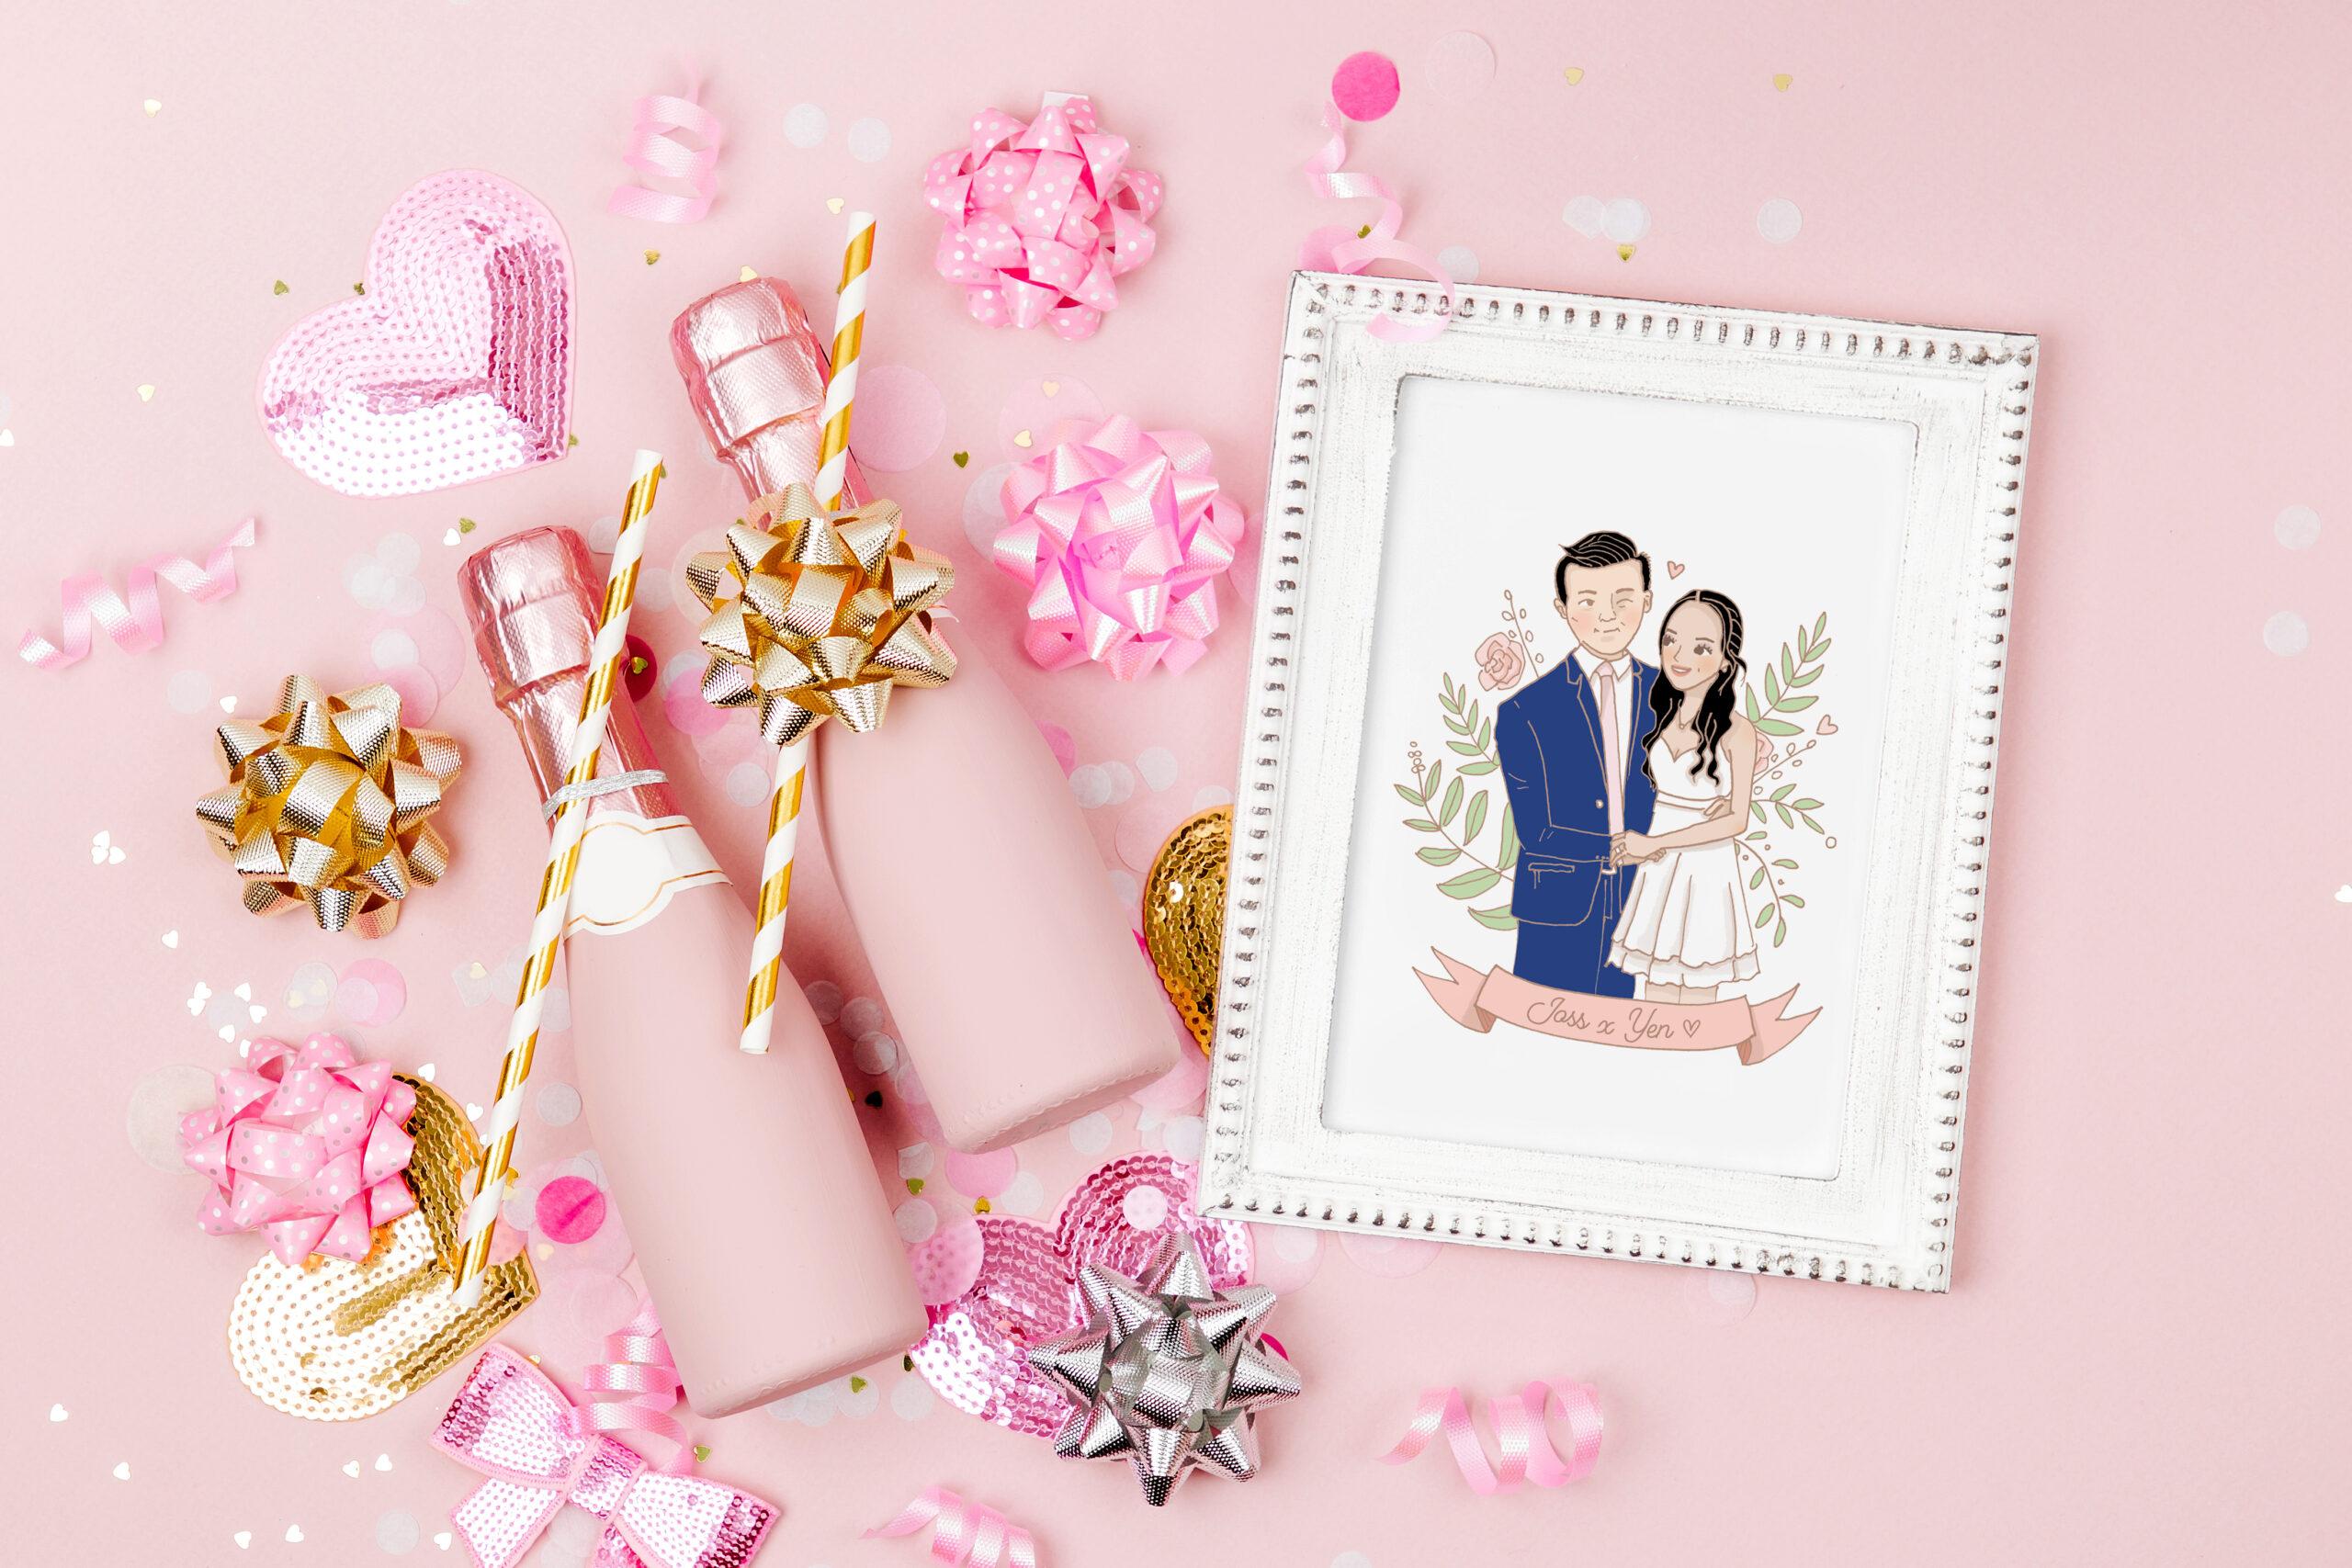 fondo rosado dos champan retrato de una pareja de recien casados